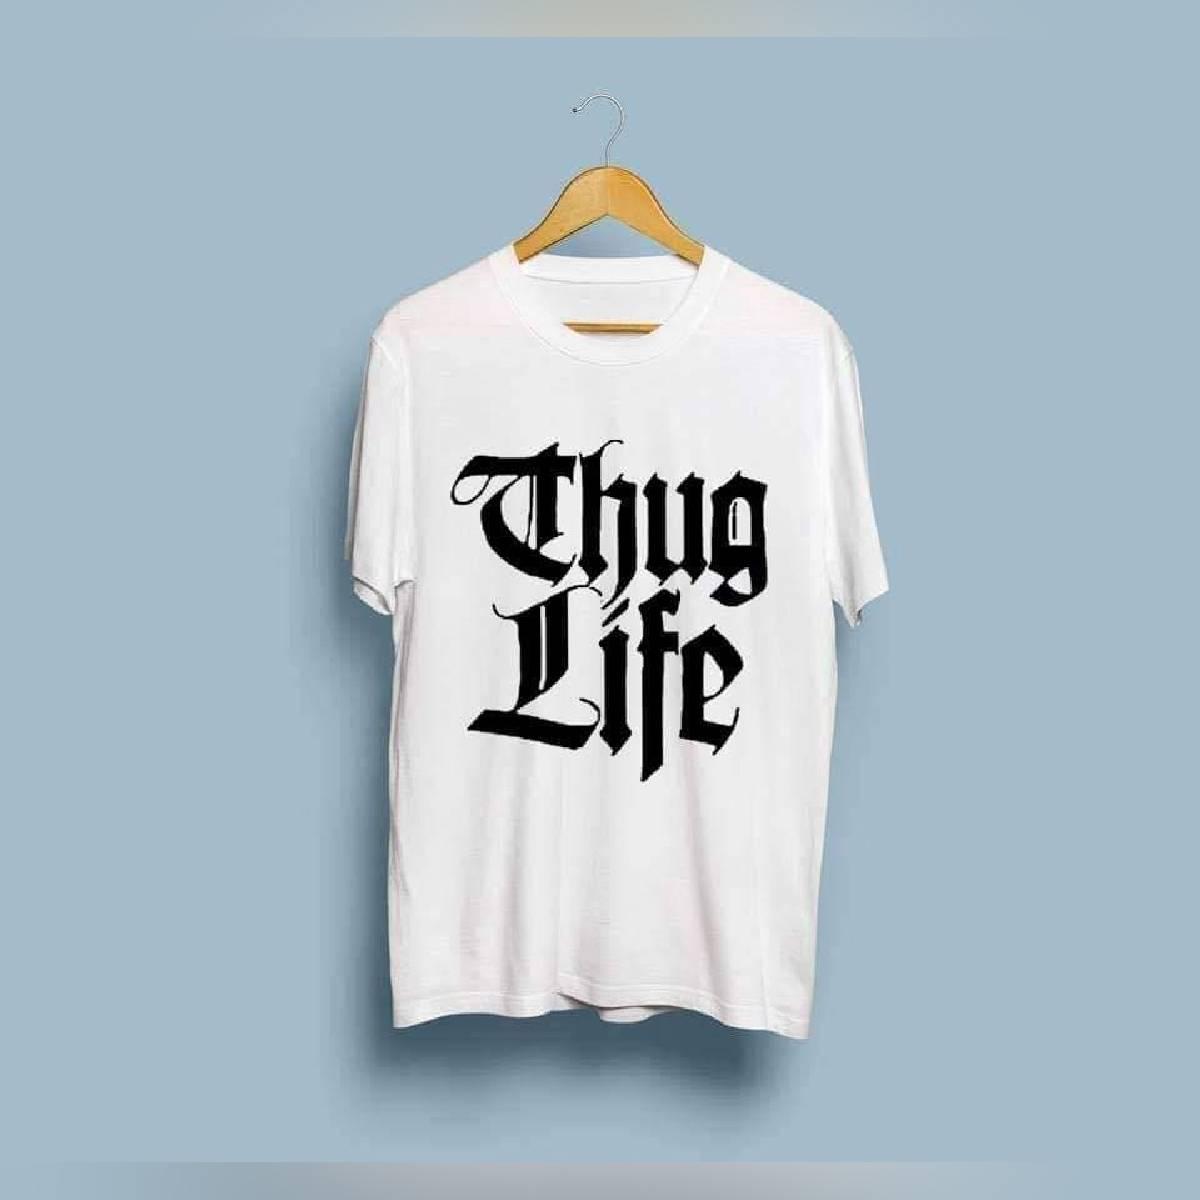 THUG LIFE Printed T Shirt For Summer